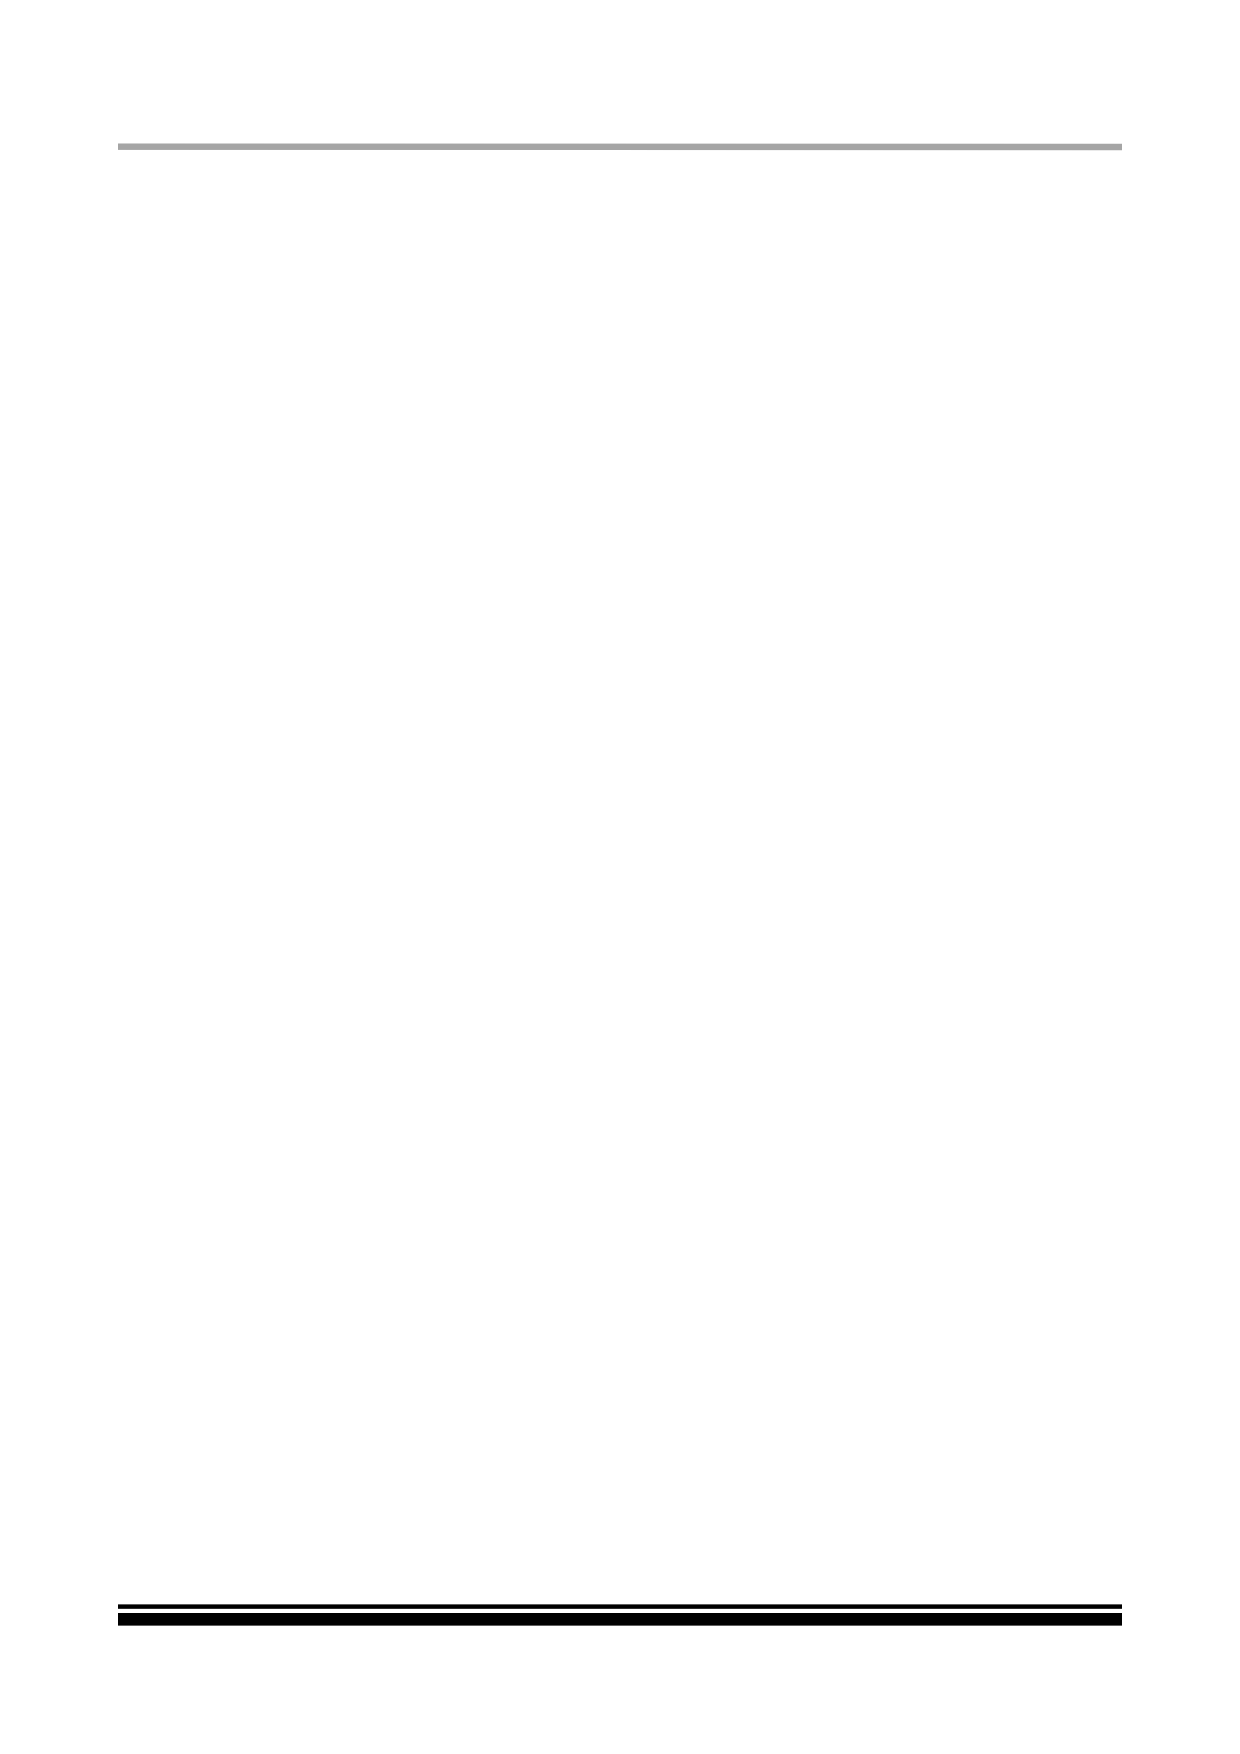 I2501-6IGN9624B Даташит, Описание, Даташиты